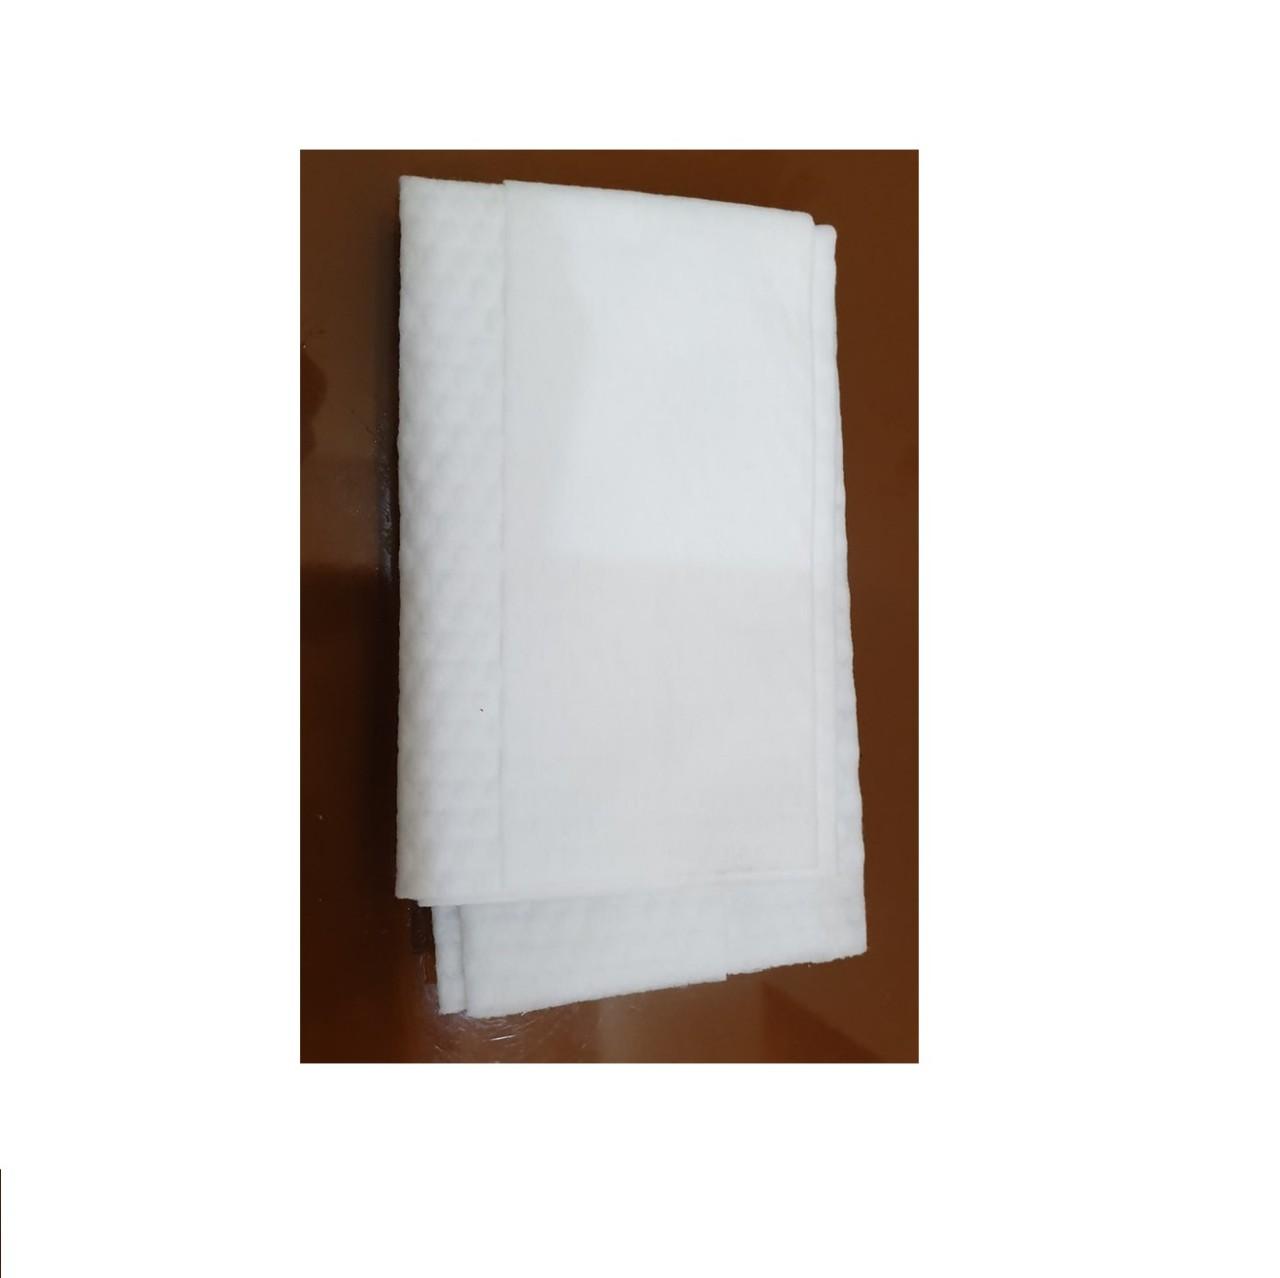 Khăn lạnh nhà hàng chất liệu cotton